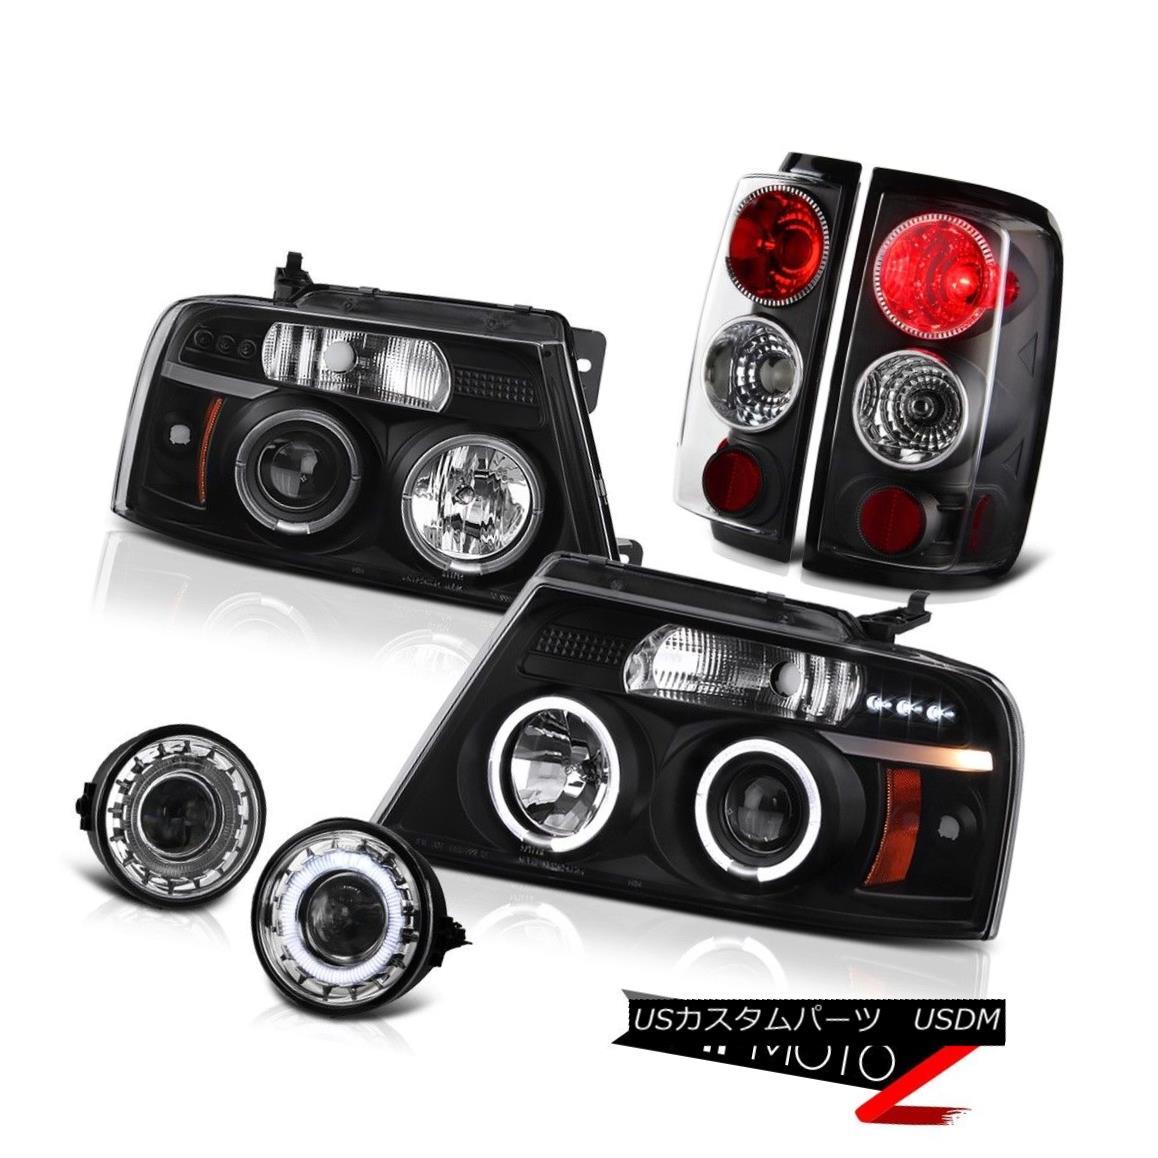 テールライト 2006-2008 FORD F150 Black Dual Angel Eye Headlight Tail Lamp Projector Fog Lamps 2006-2008フォードF150ブラックデュアルエンジェルアイヘッドライトテールランププロジェクターフォグランプ